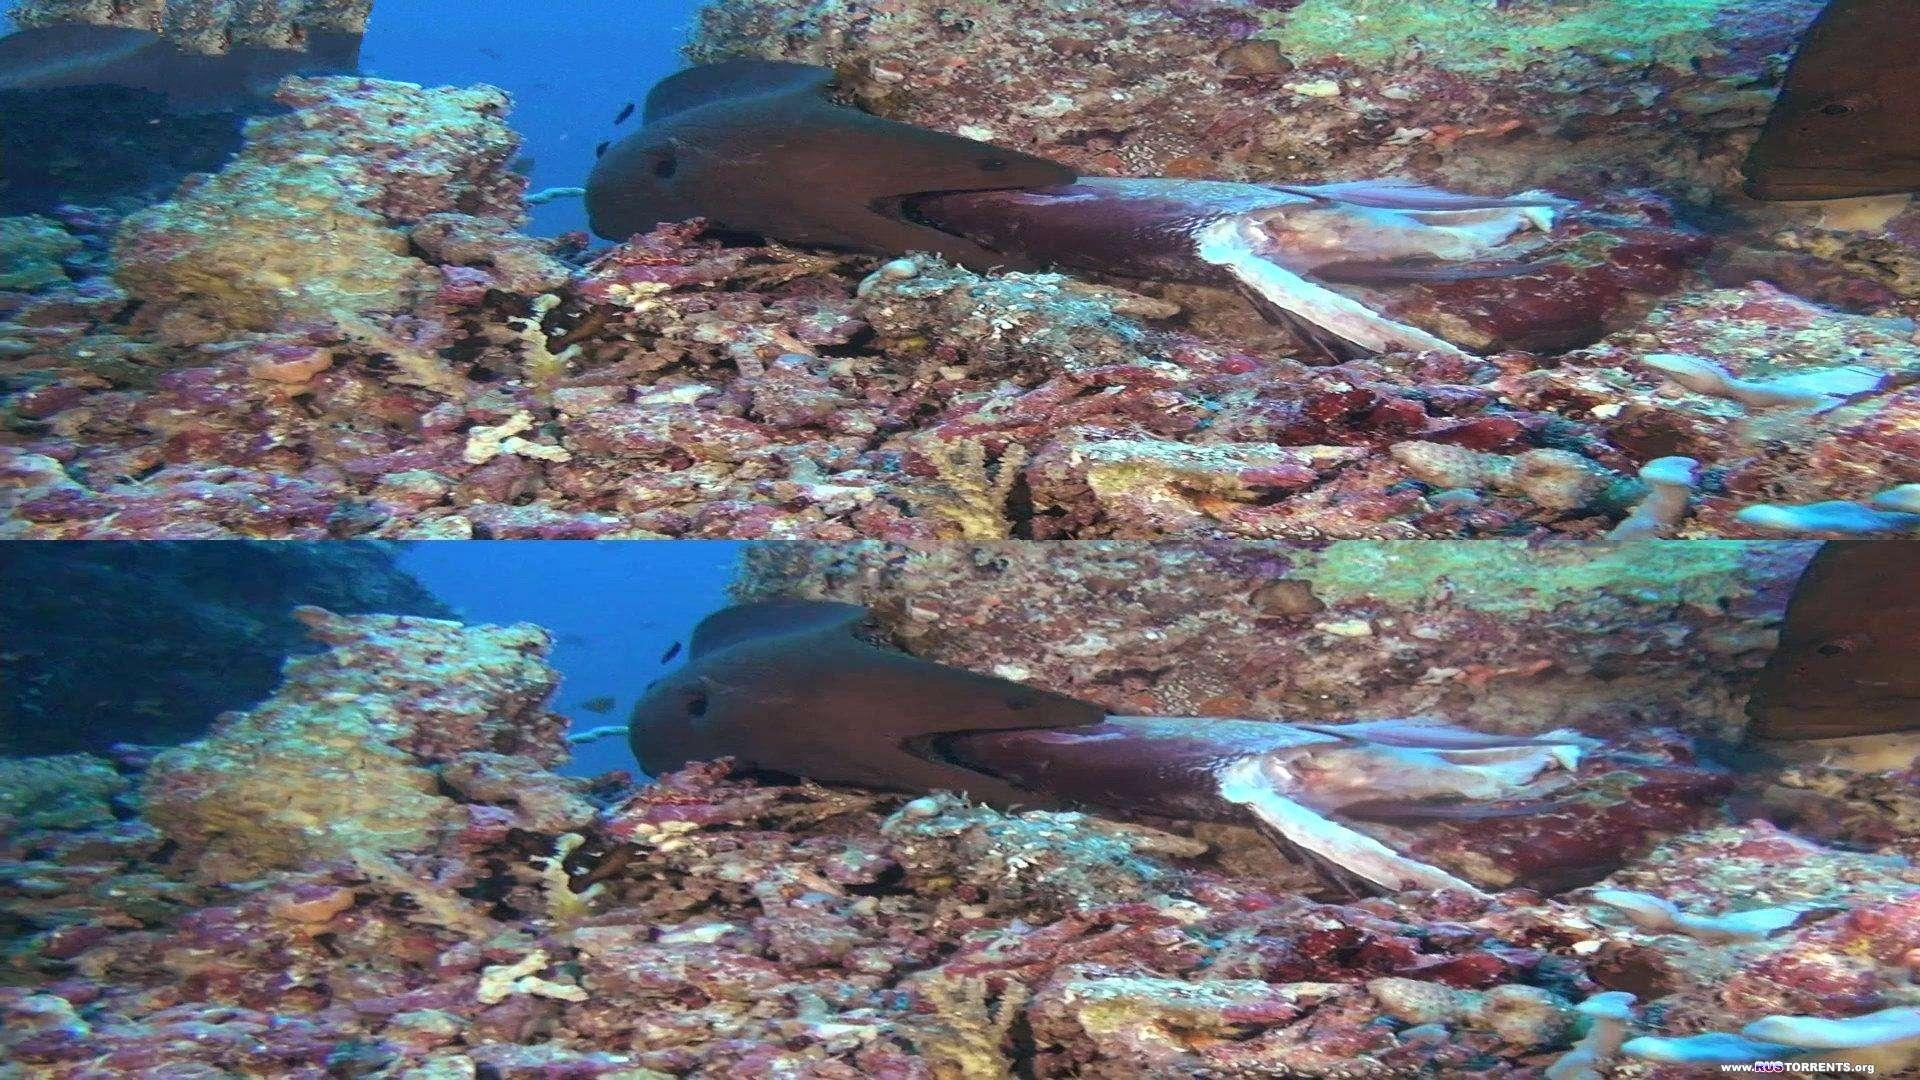 Коралловый риф - Том 3: Охотники и добыча 3D | BDRip 1080p | 3D-Video HOU